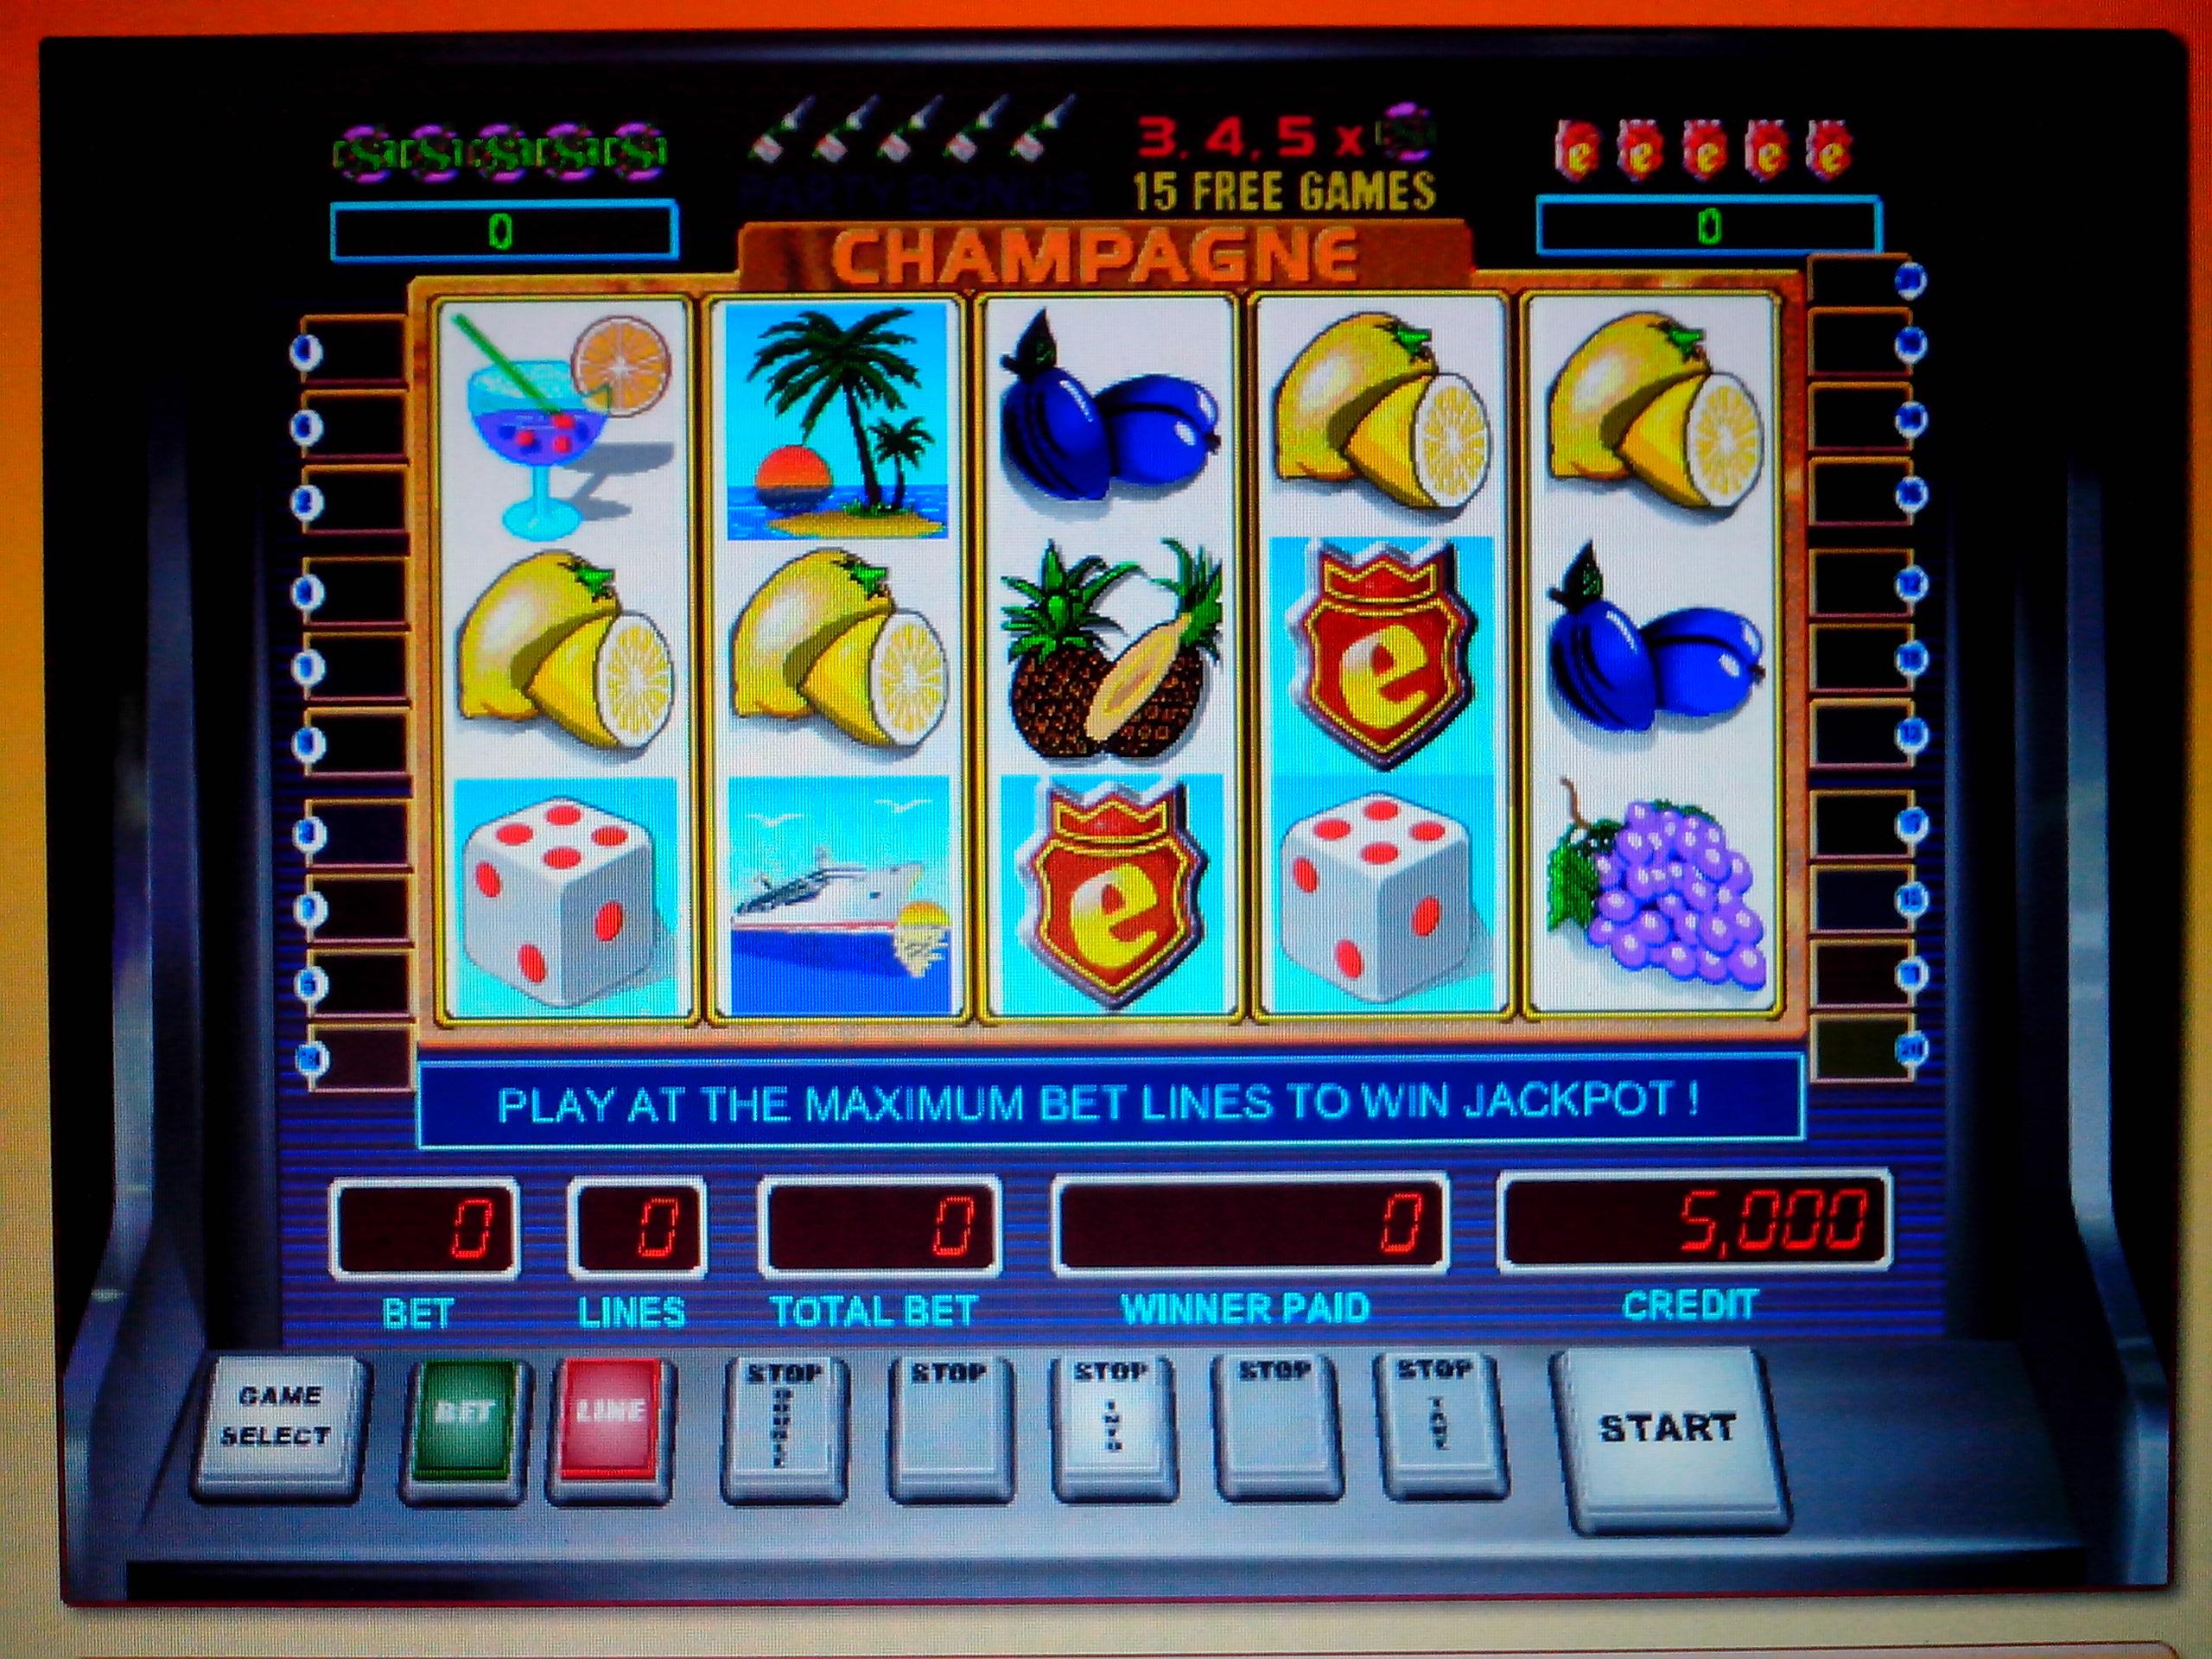 виртуальные игровые автоматы, слот-машина, онлайн игра